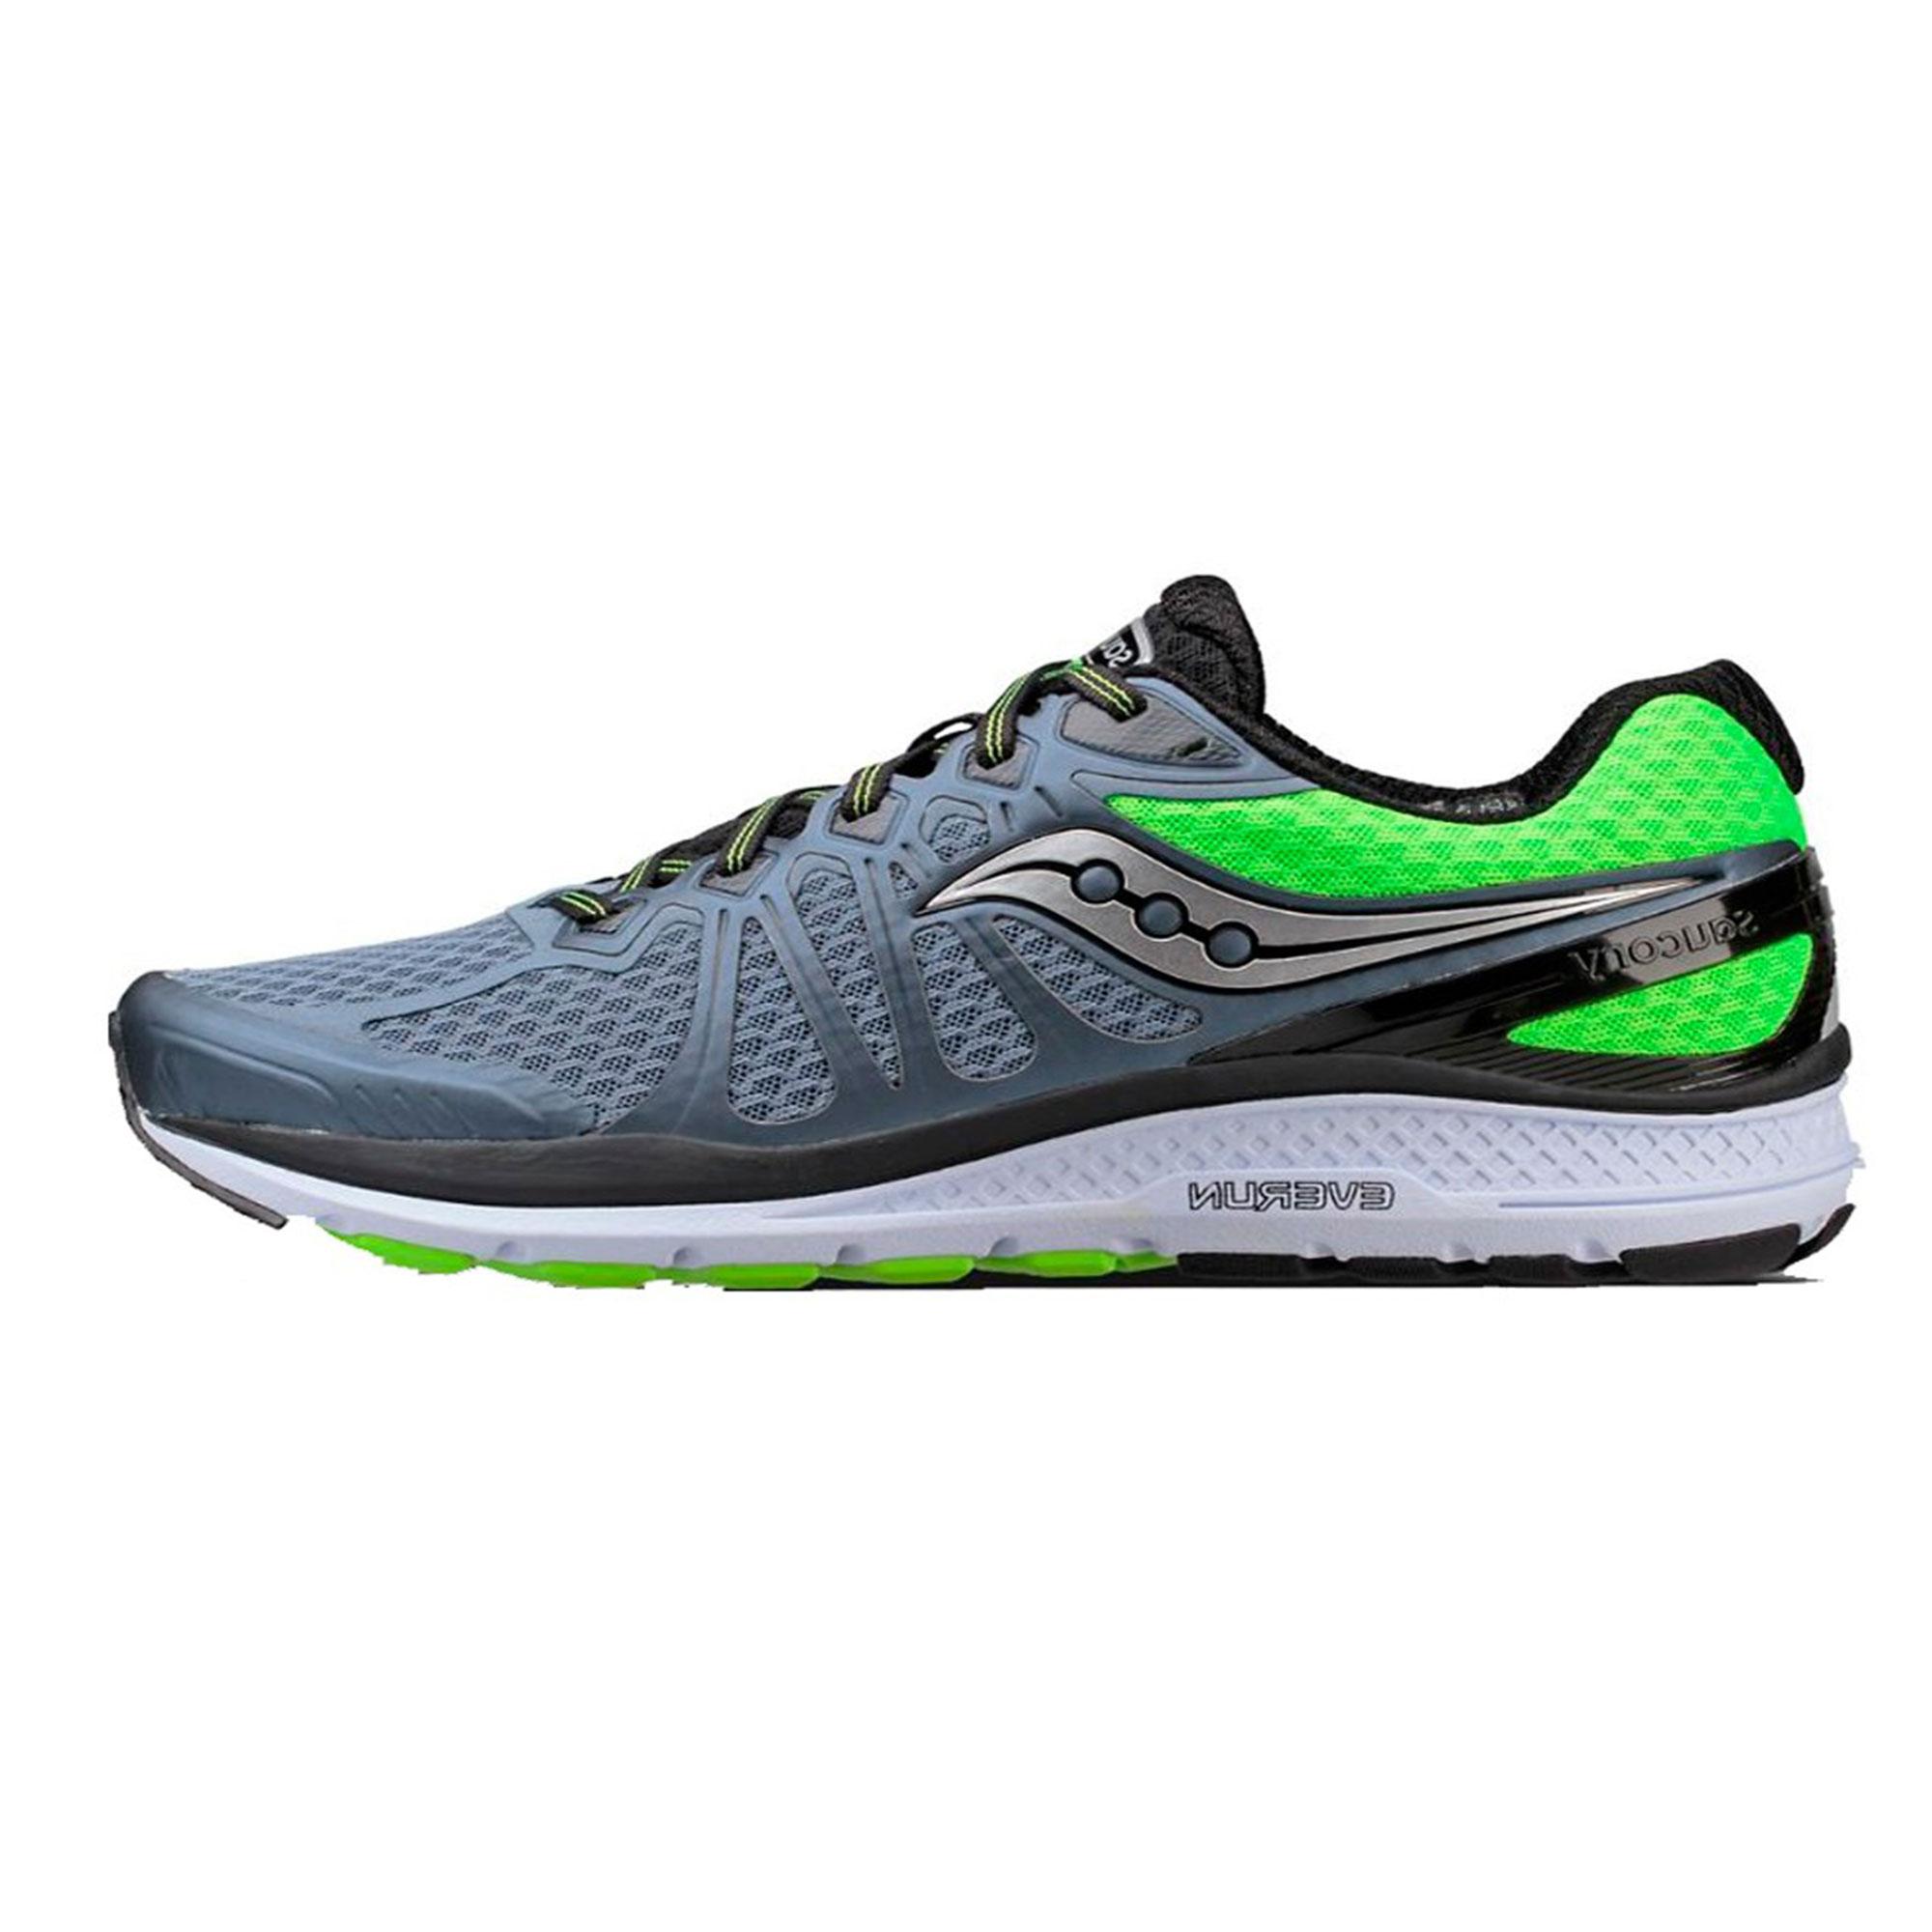 قیمت کفش مخصوص دویدن و پیاده روی مردانه ساکنی مدل Echelon 6